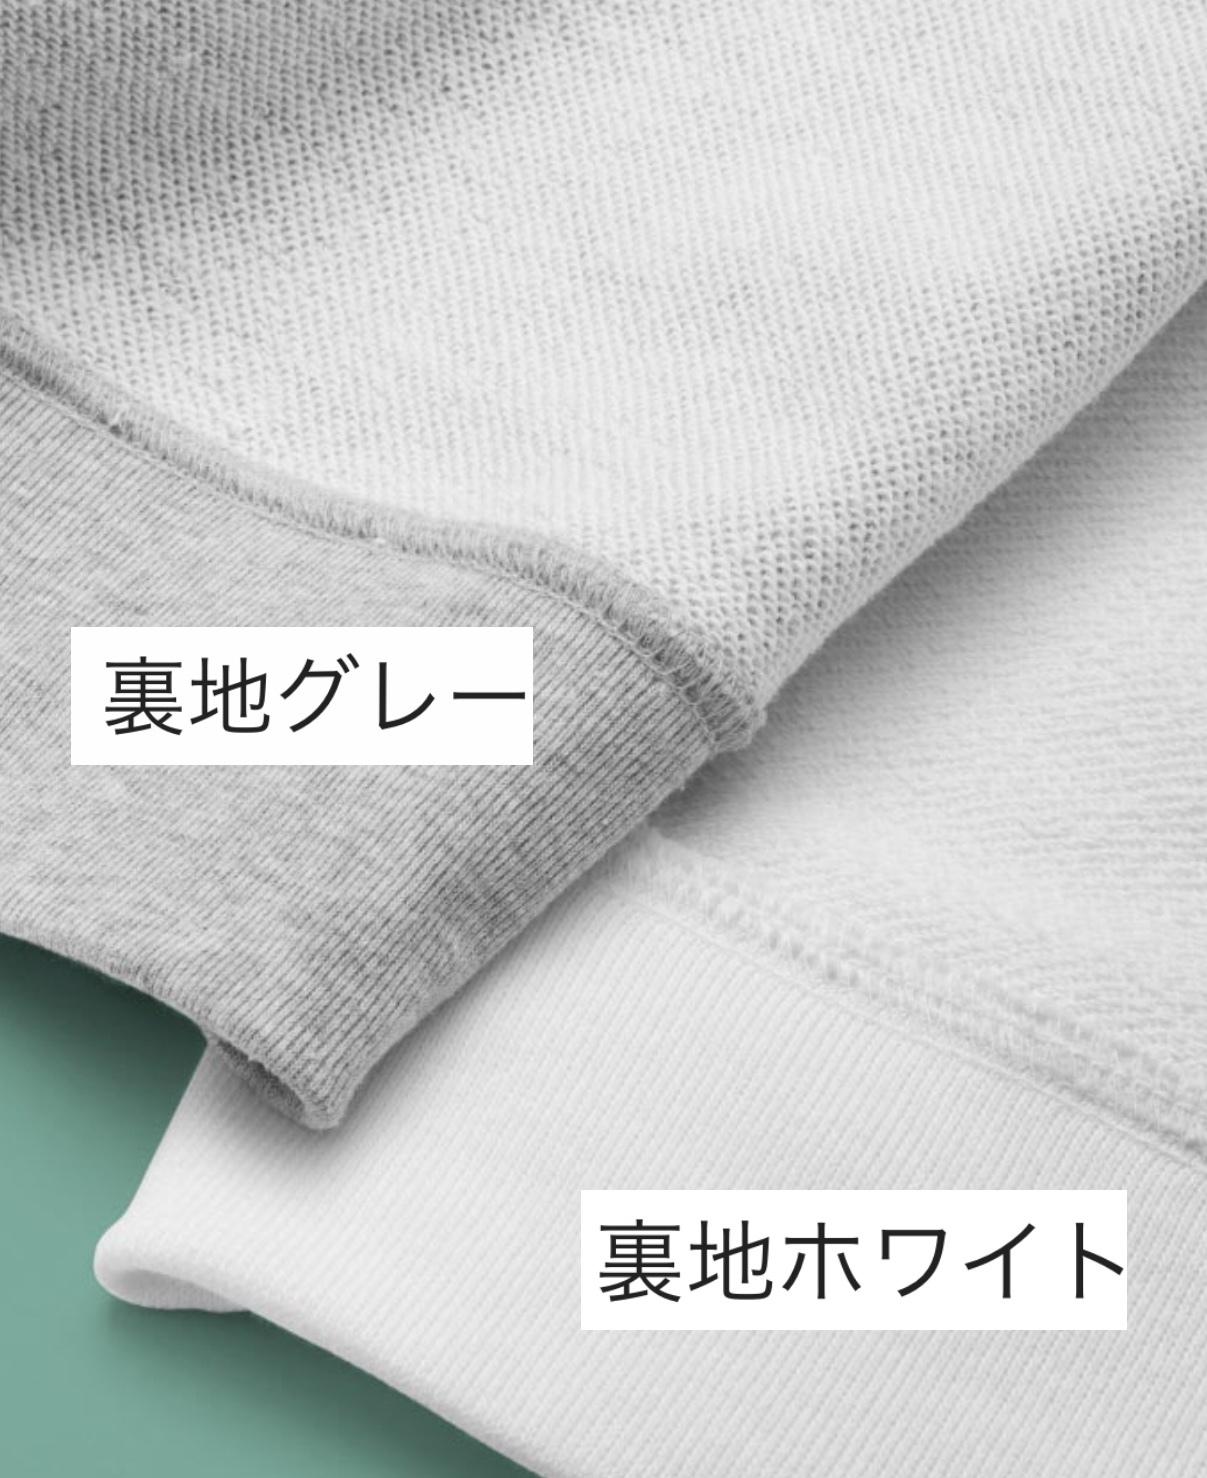 Ecobad スウェットシャツ 旭日旗 シンプルなグラフィックtシャツショップecobad エコバド Fg Fashion Graphic